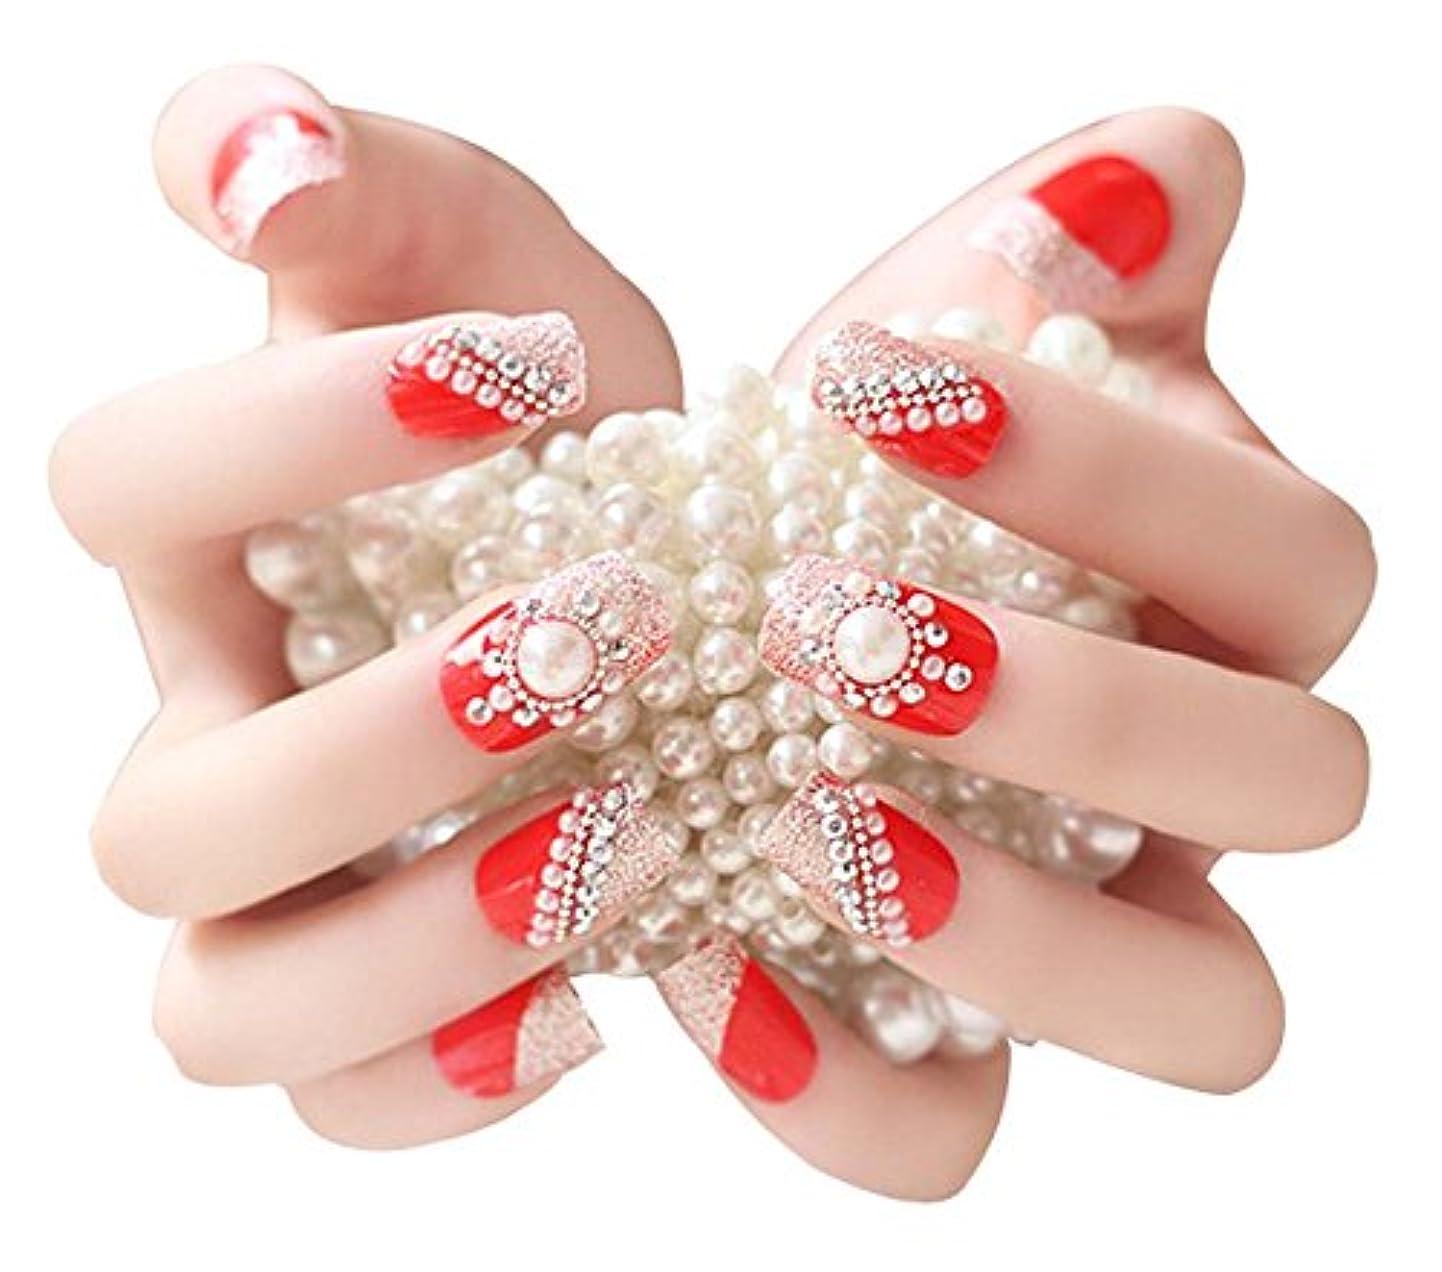 知り合いになる不潔征服する人工真珠ラインストーンつけ爪結婚式のメイクアップネイルアート、赤、2パック - 48枚